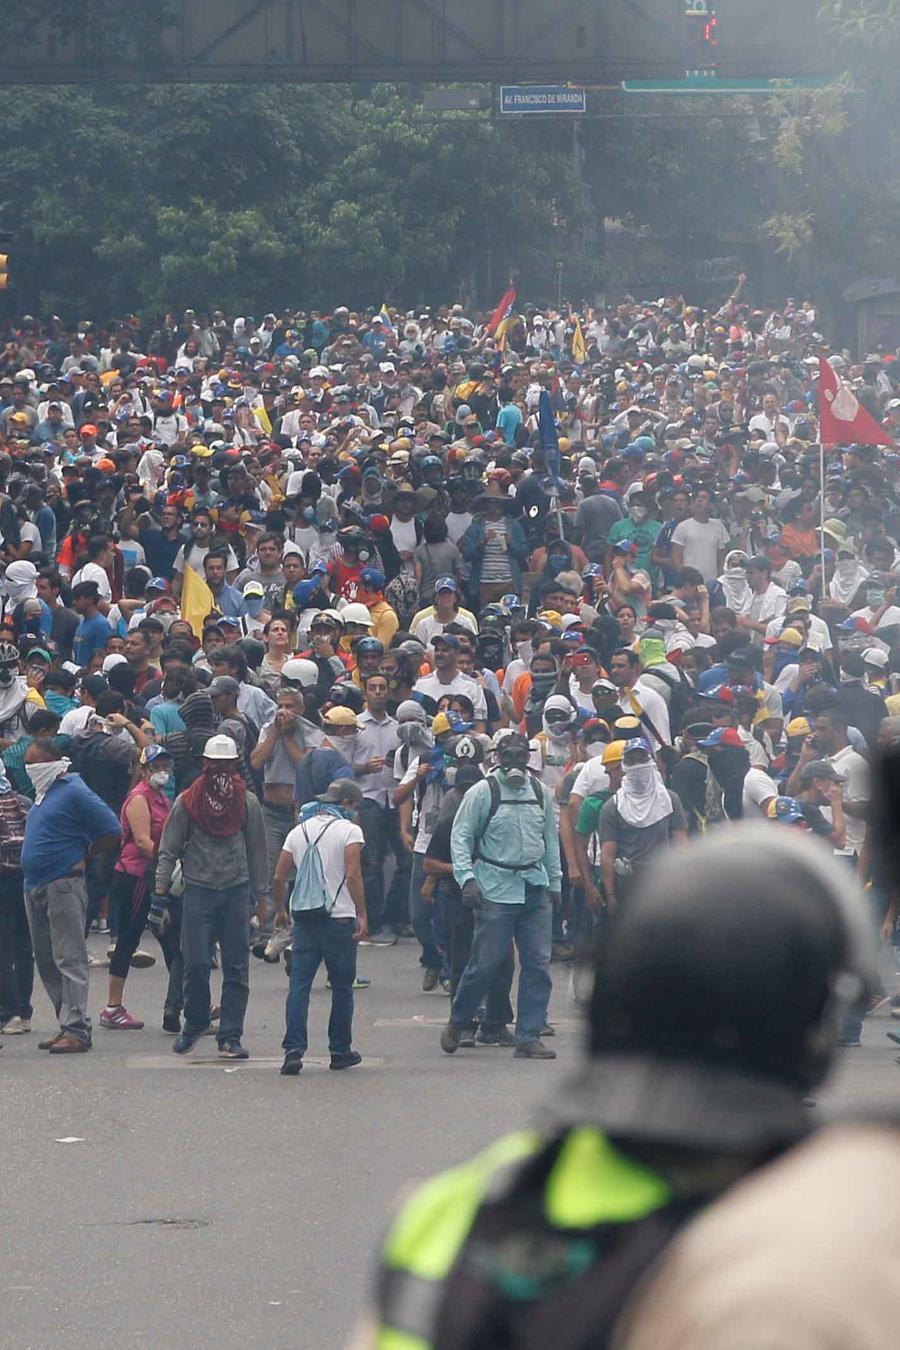 Manifestaciones multitudinarias en Venezuela contra el gobierno de Nicolás Maduro